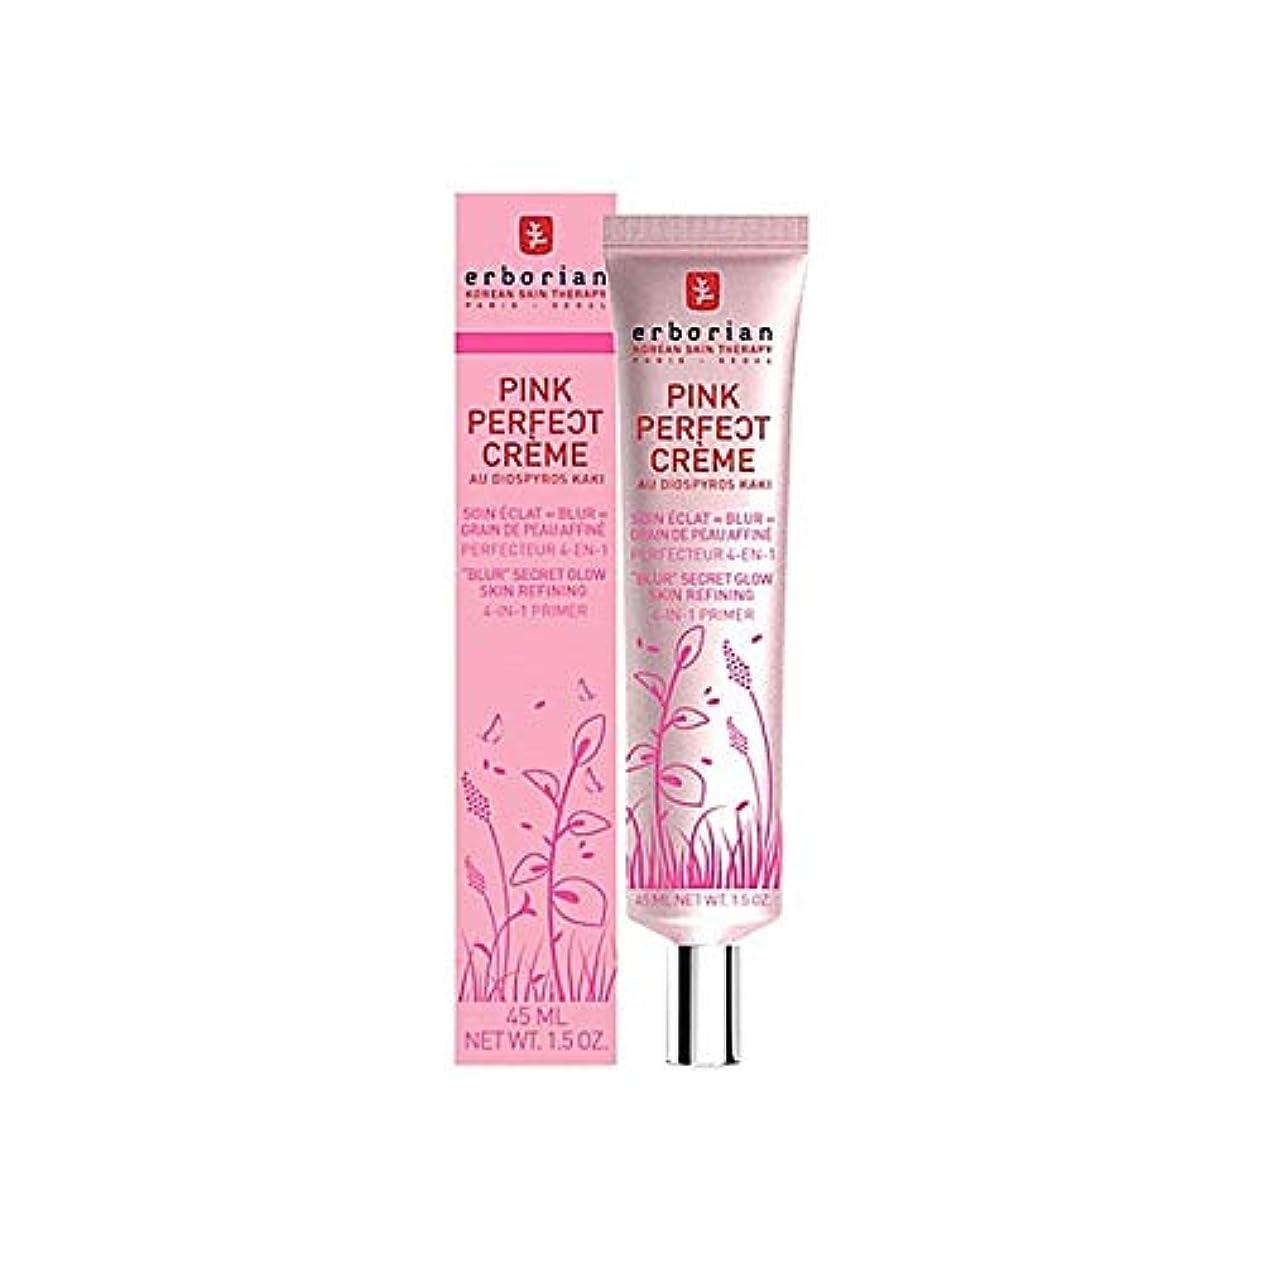 協定活発キャッチ[Erborian] Erborianピンクの完璧なクリーム45ミリリットル - Erborian Pink Perfect Creme 45ml [並行輸入品]